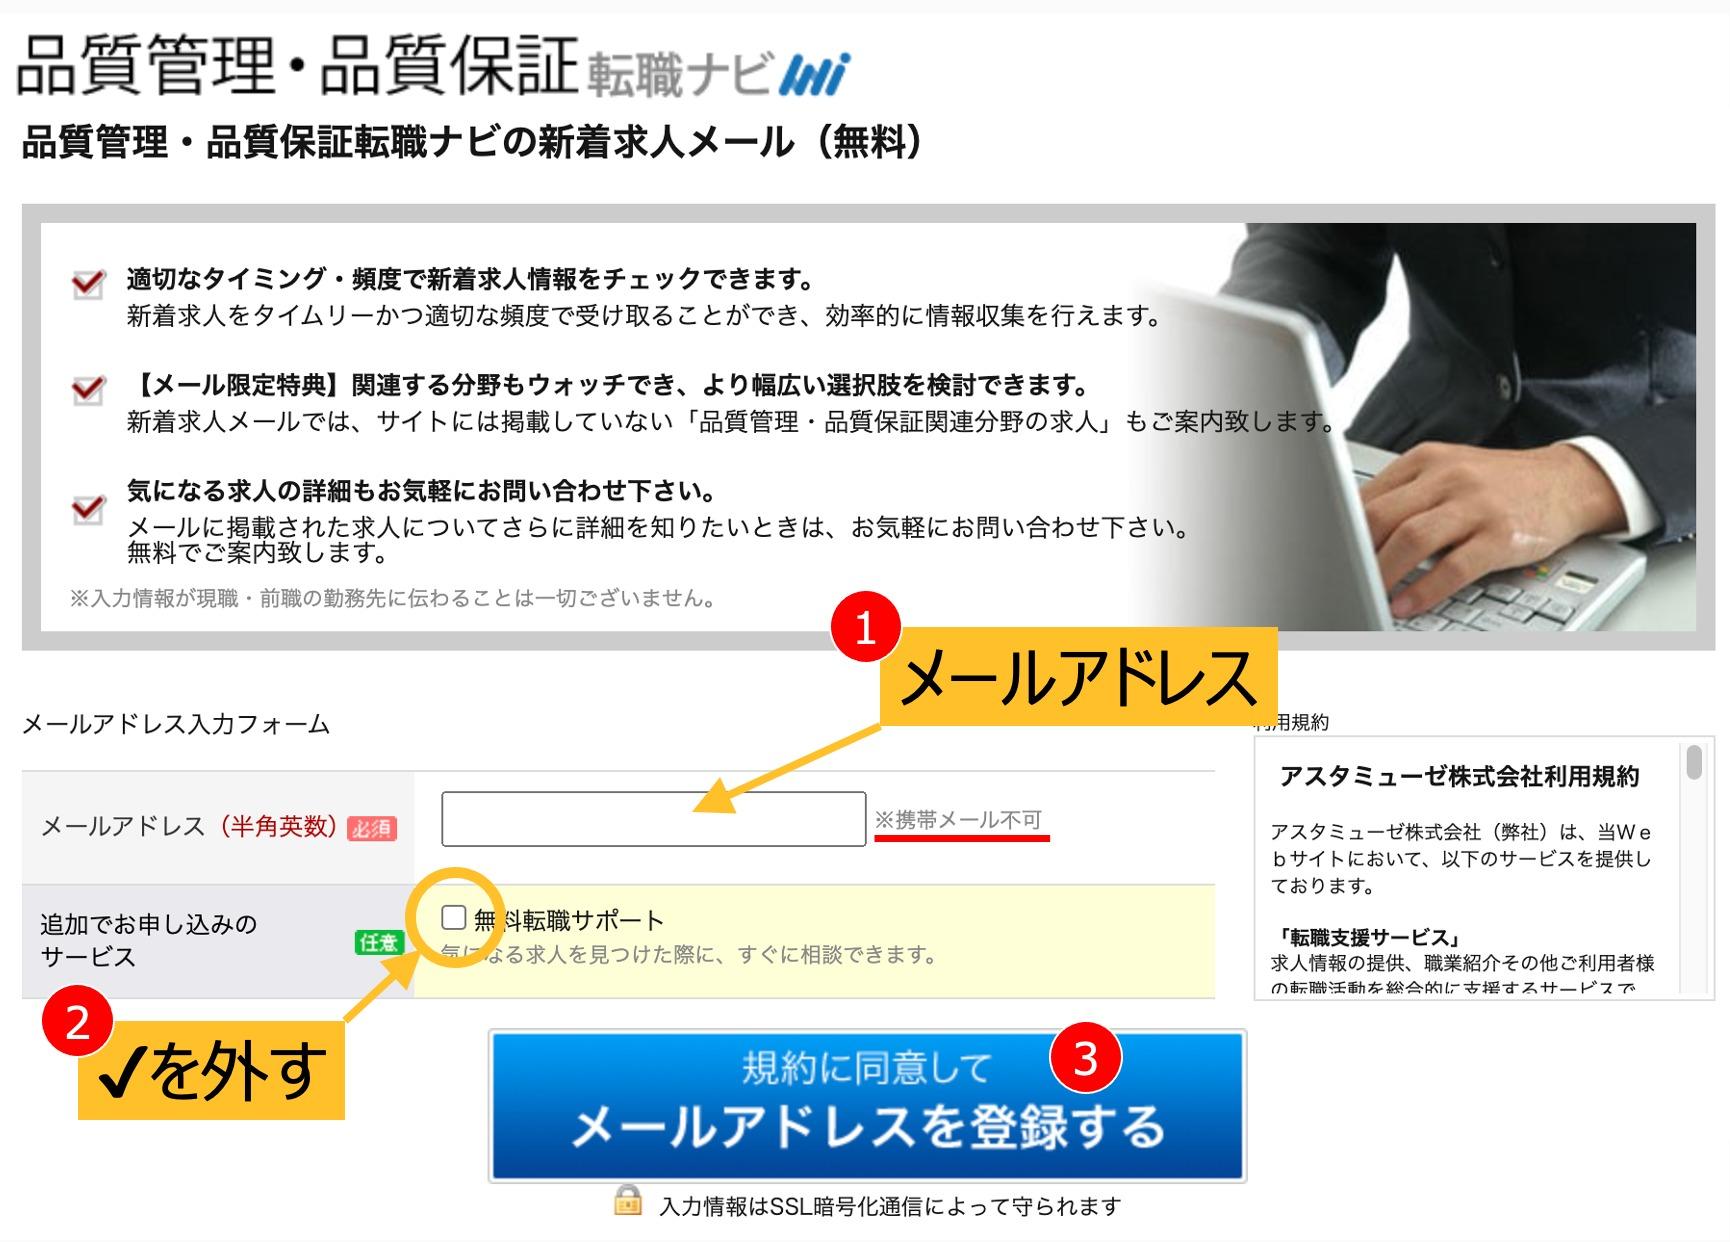 転職ナビの無料登録画像4